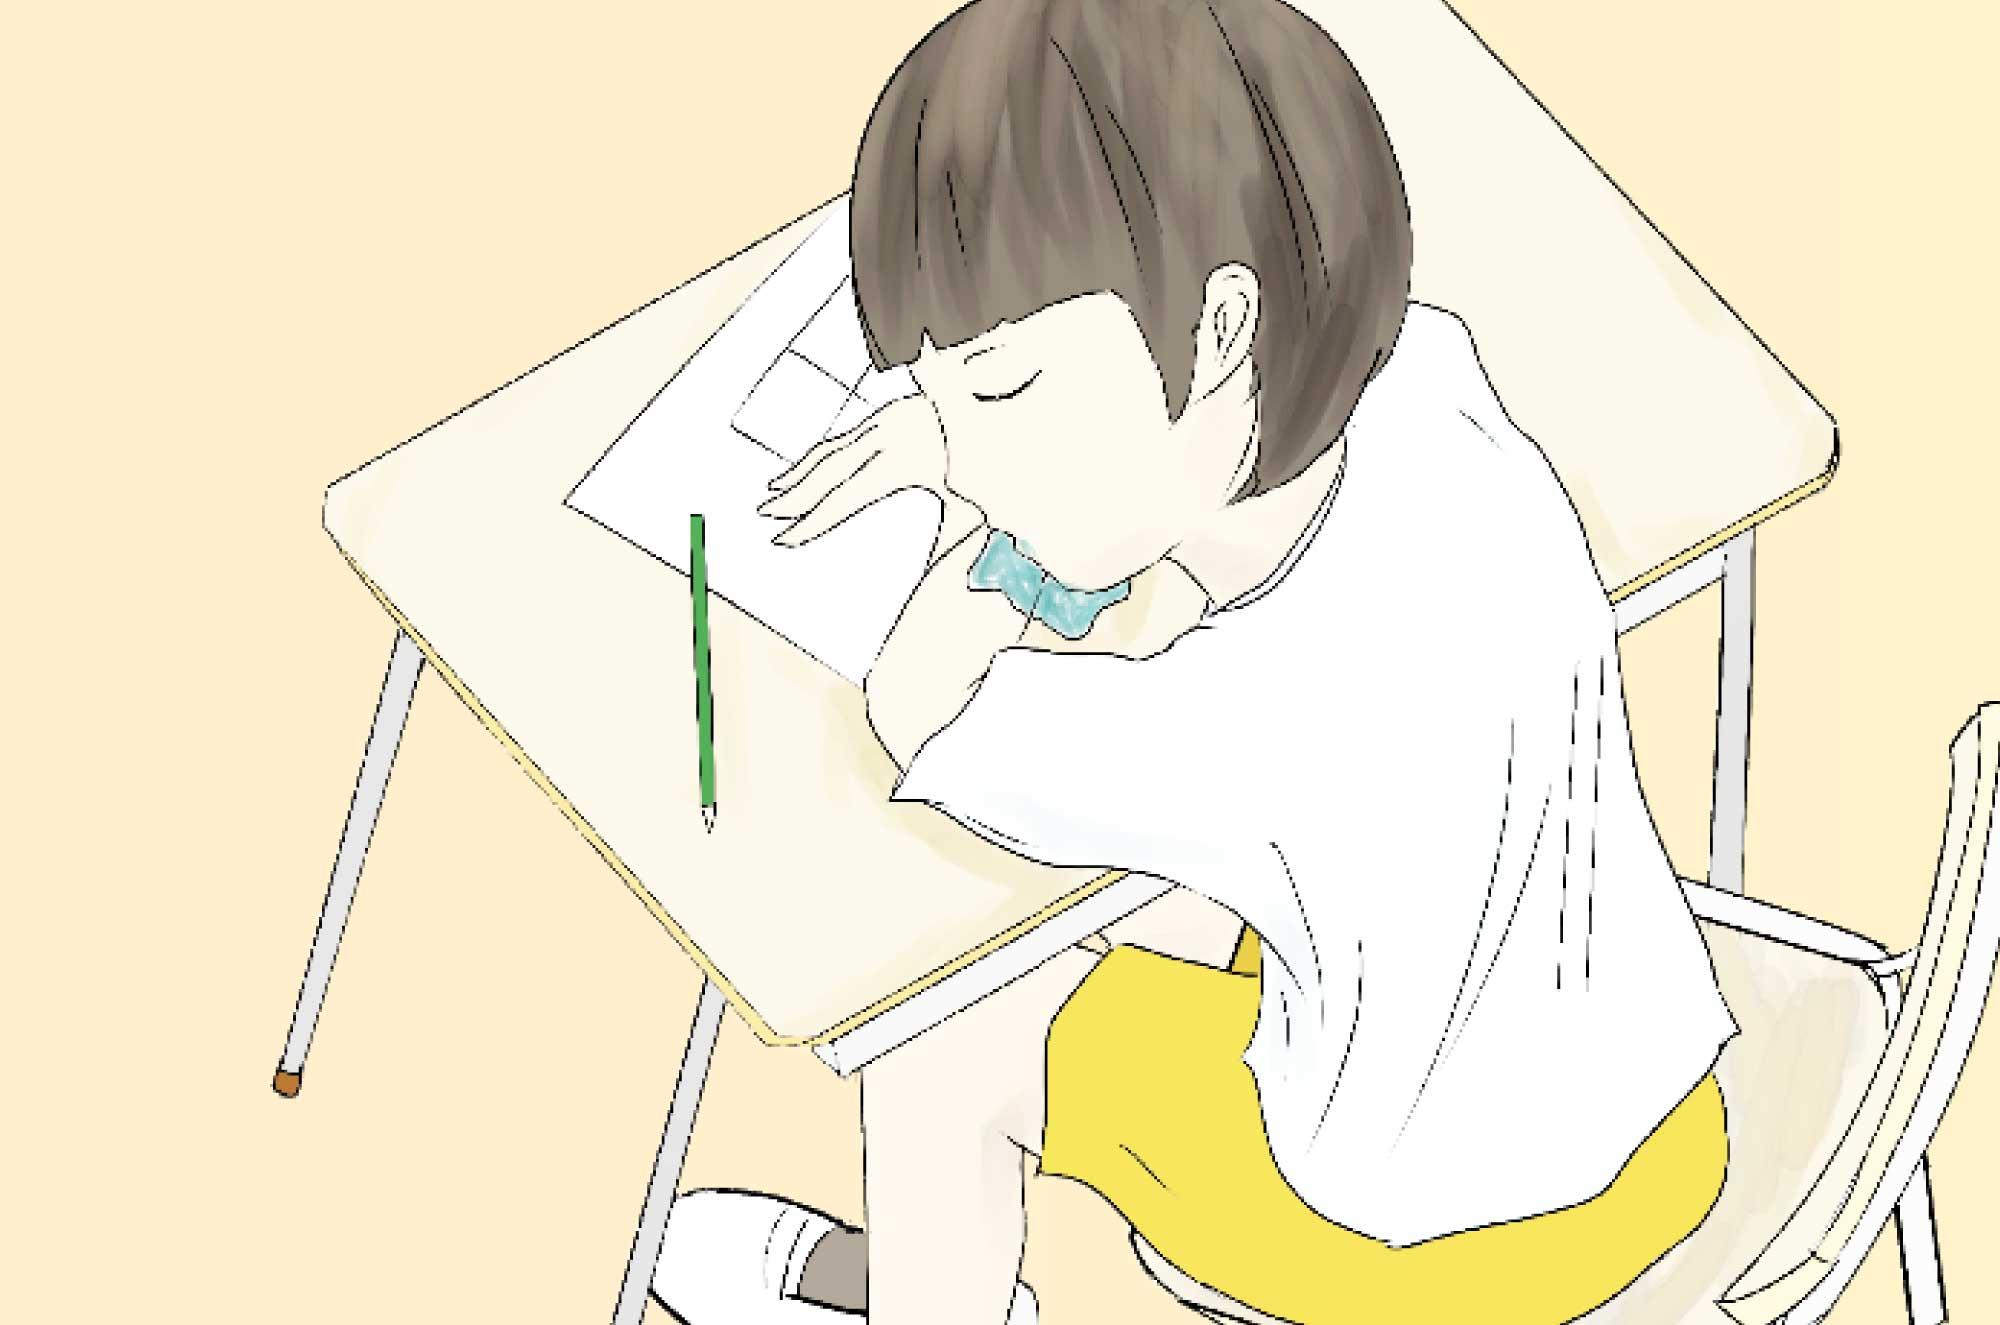 授業中に寝ている小学生のイラスト - 学校の無料素材